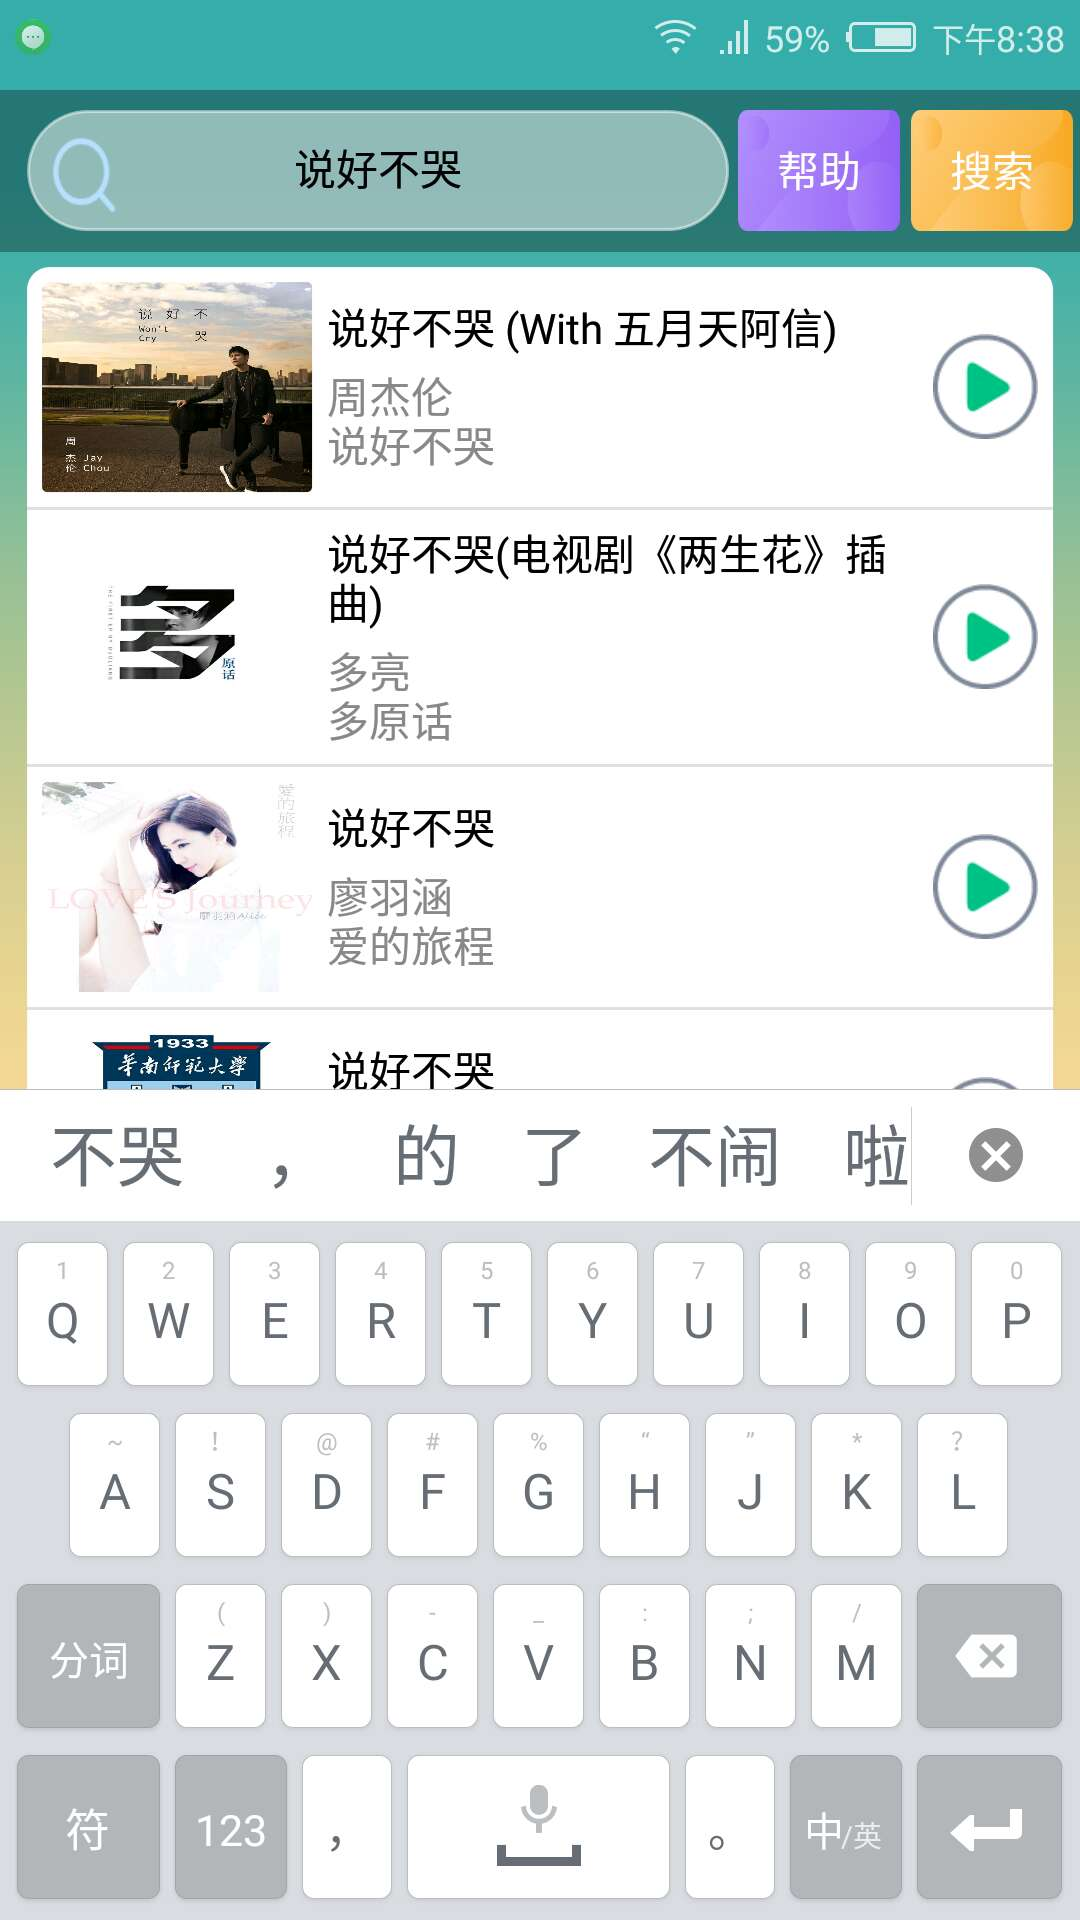 【分享】安卓音乐伴侣最新版付费SQ音乐下载-爱小助